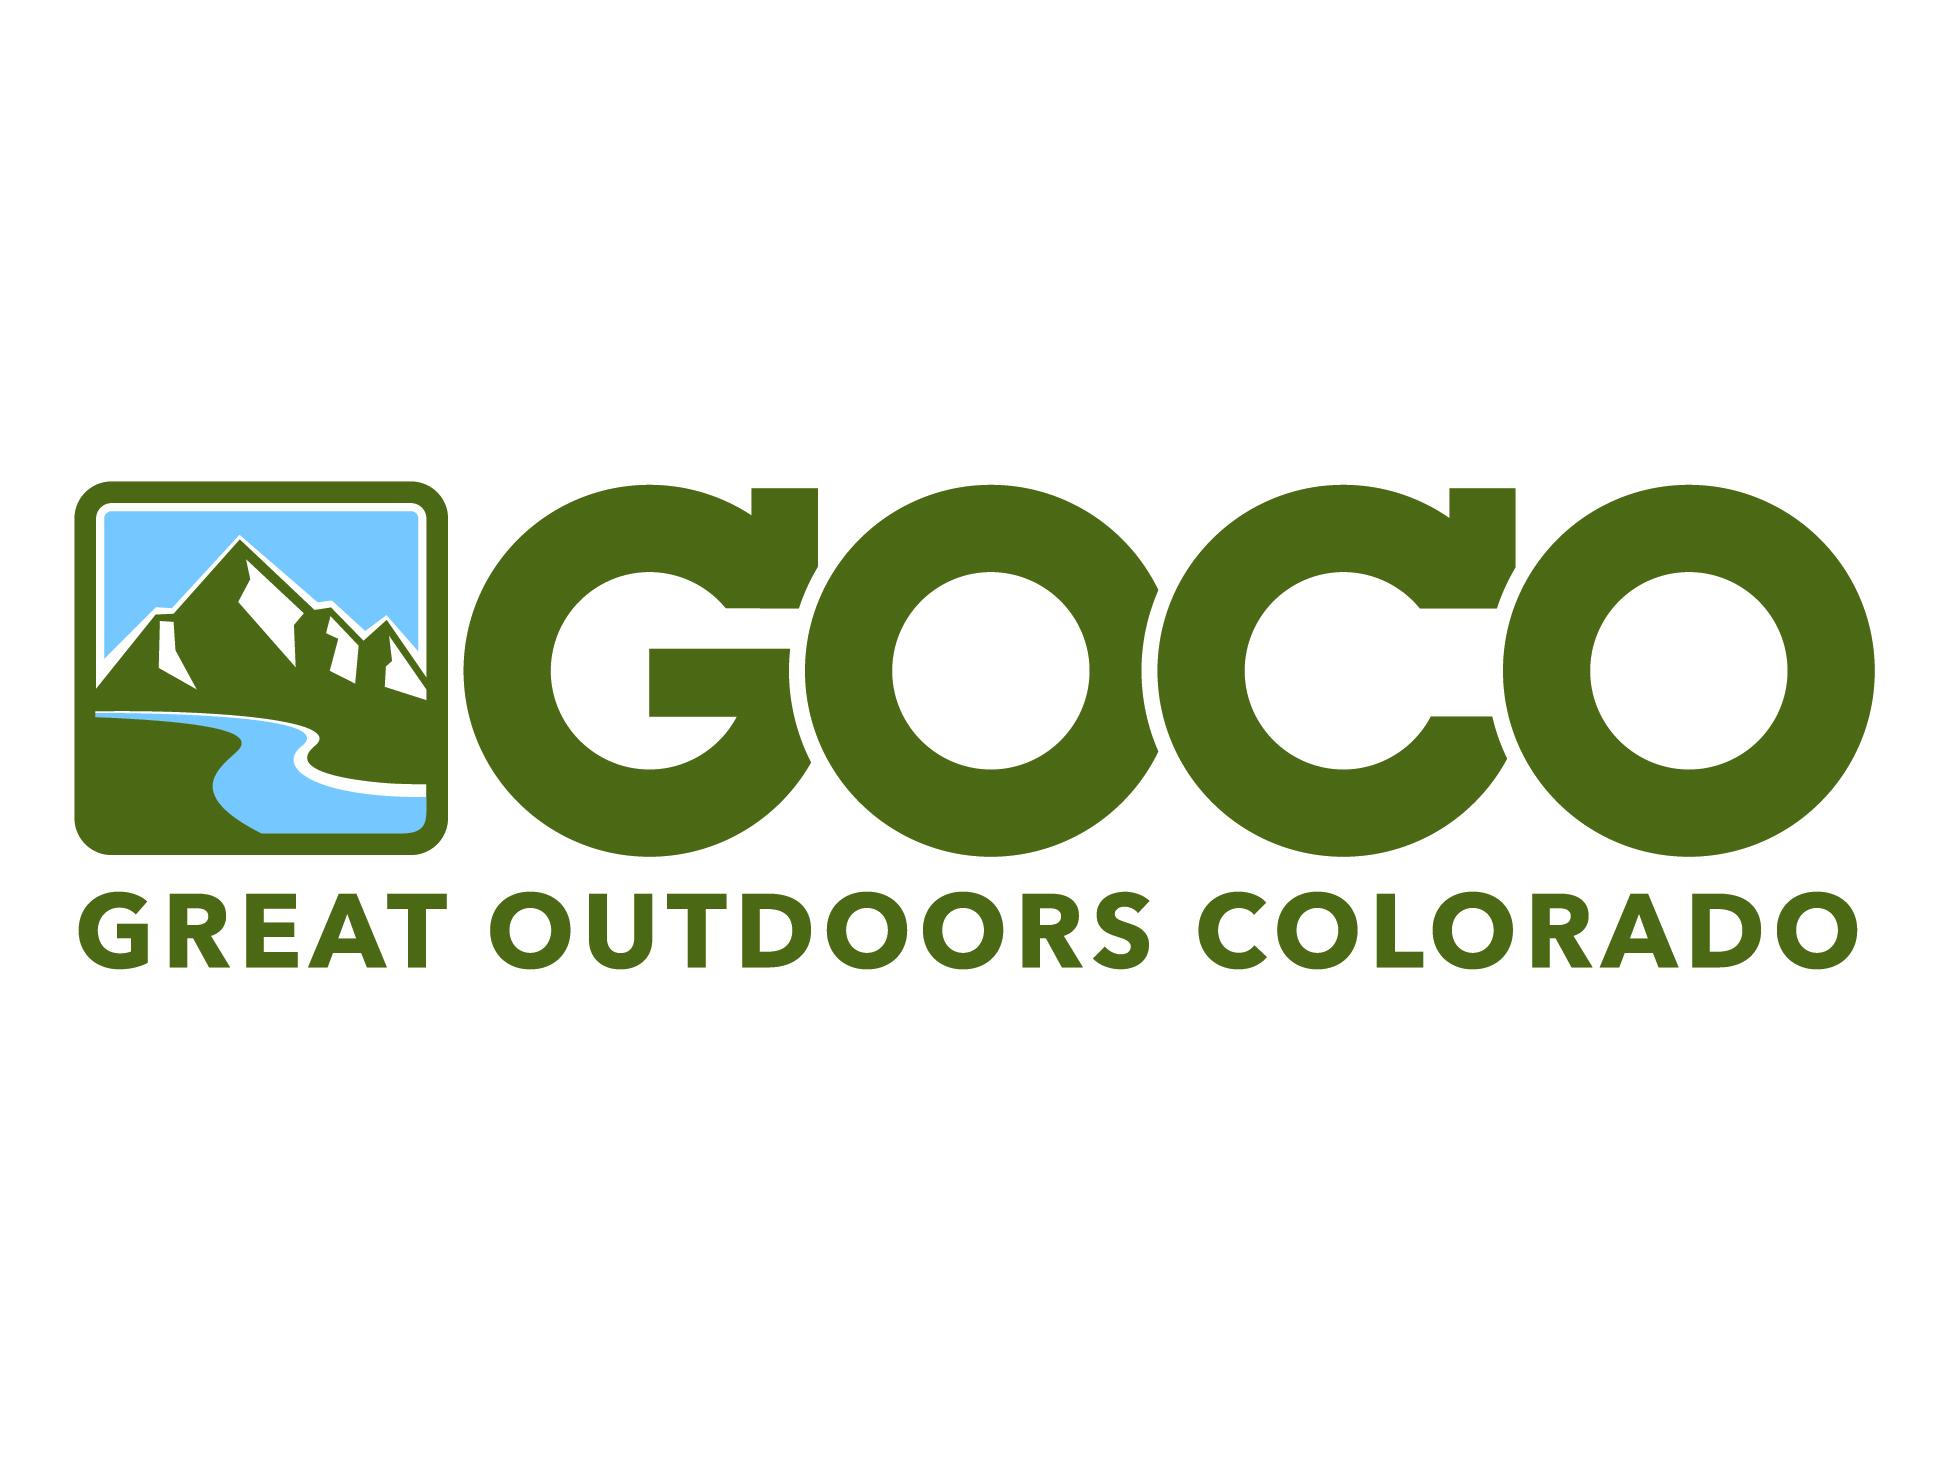 Great Outdoors Colorado